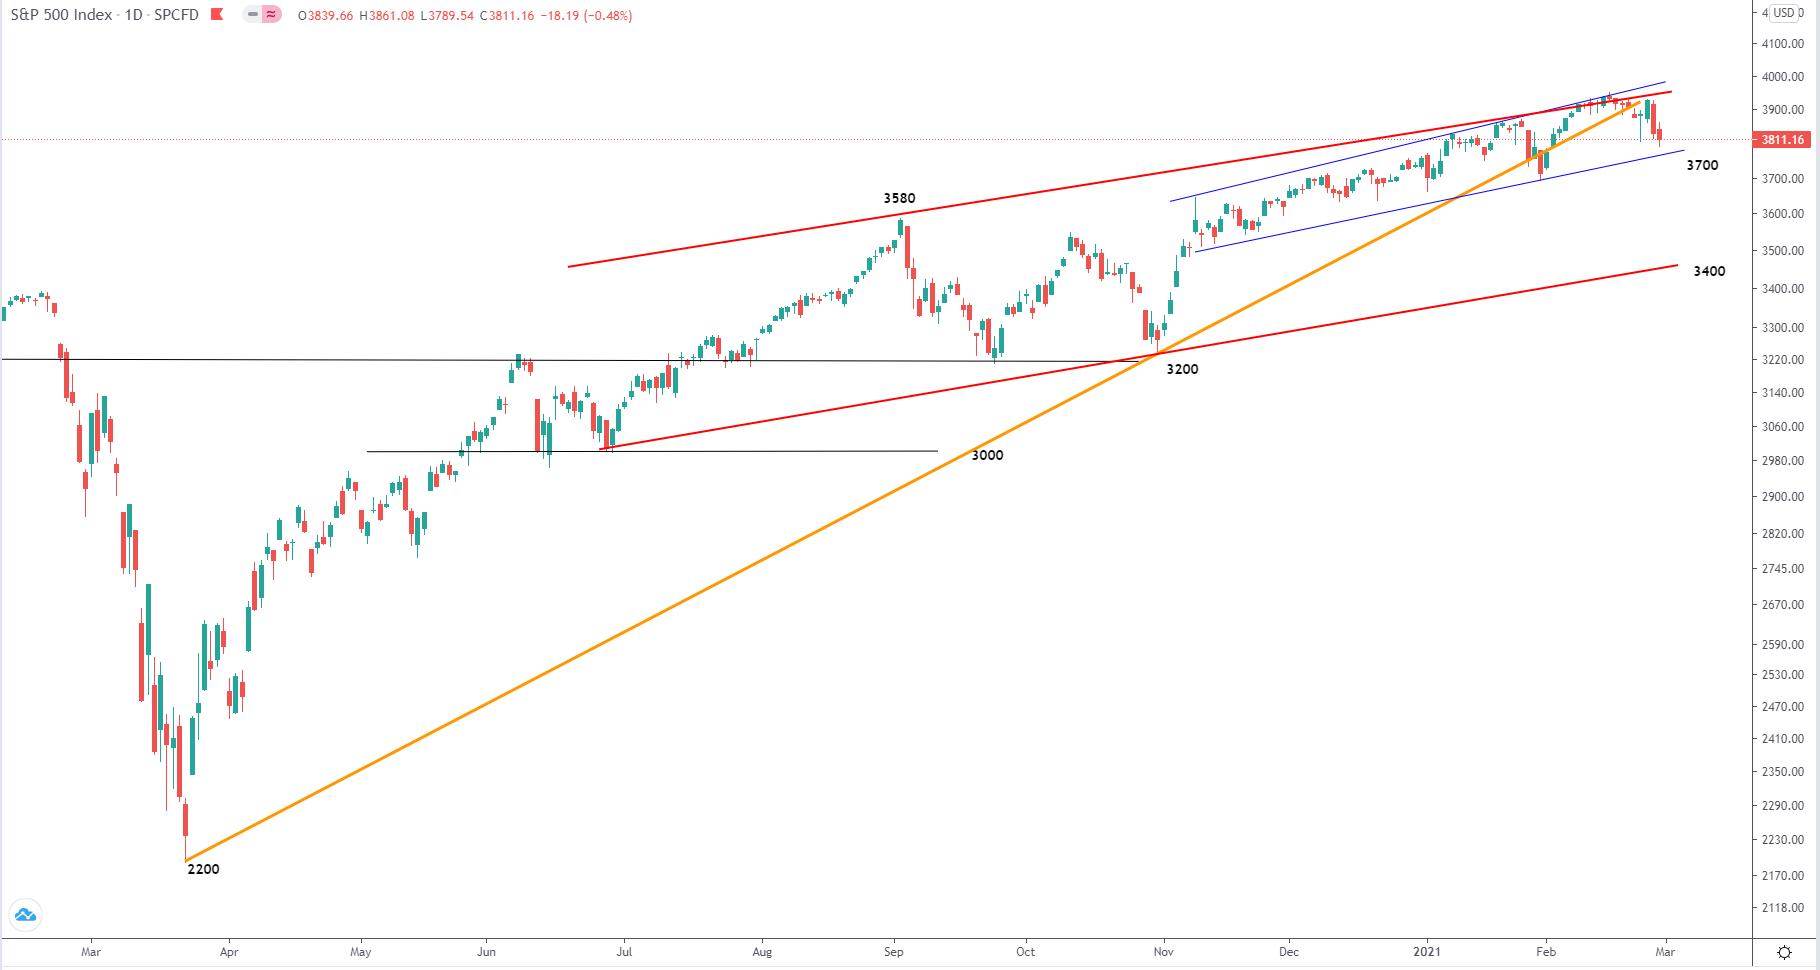 《【无极2代理平台】3.1全球股指走势分析∶标普500指数、道琼斯指数、纳斯达克指数、德国DAX30、富时100指数、日经225指数》